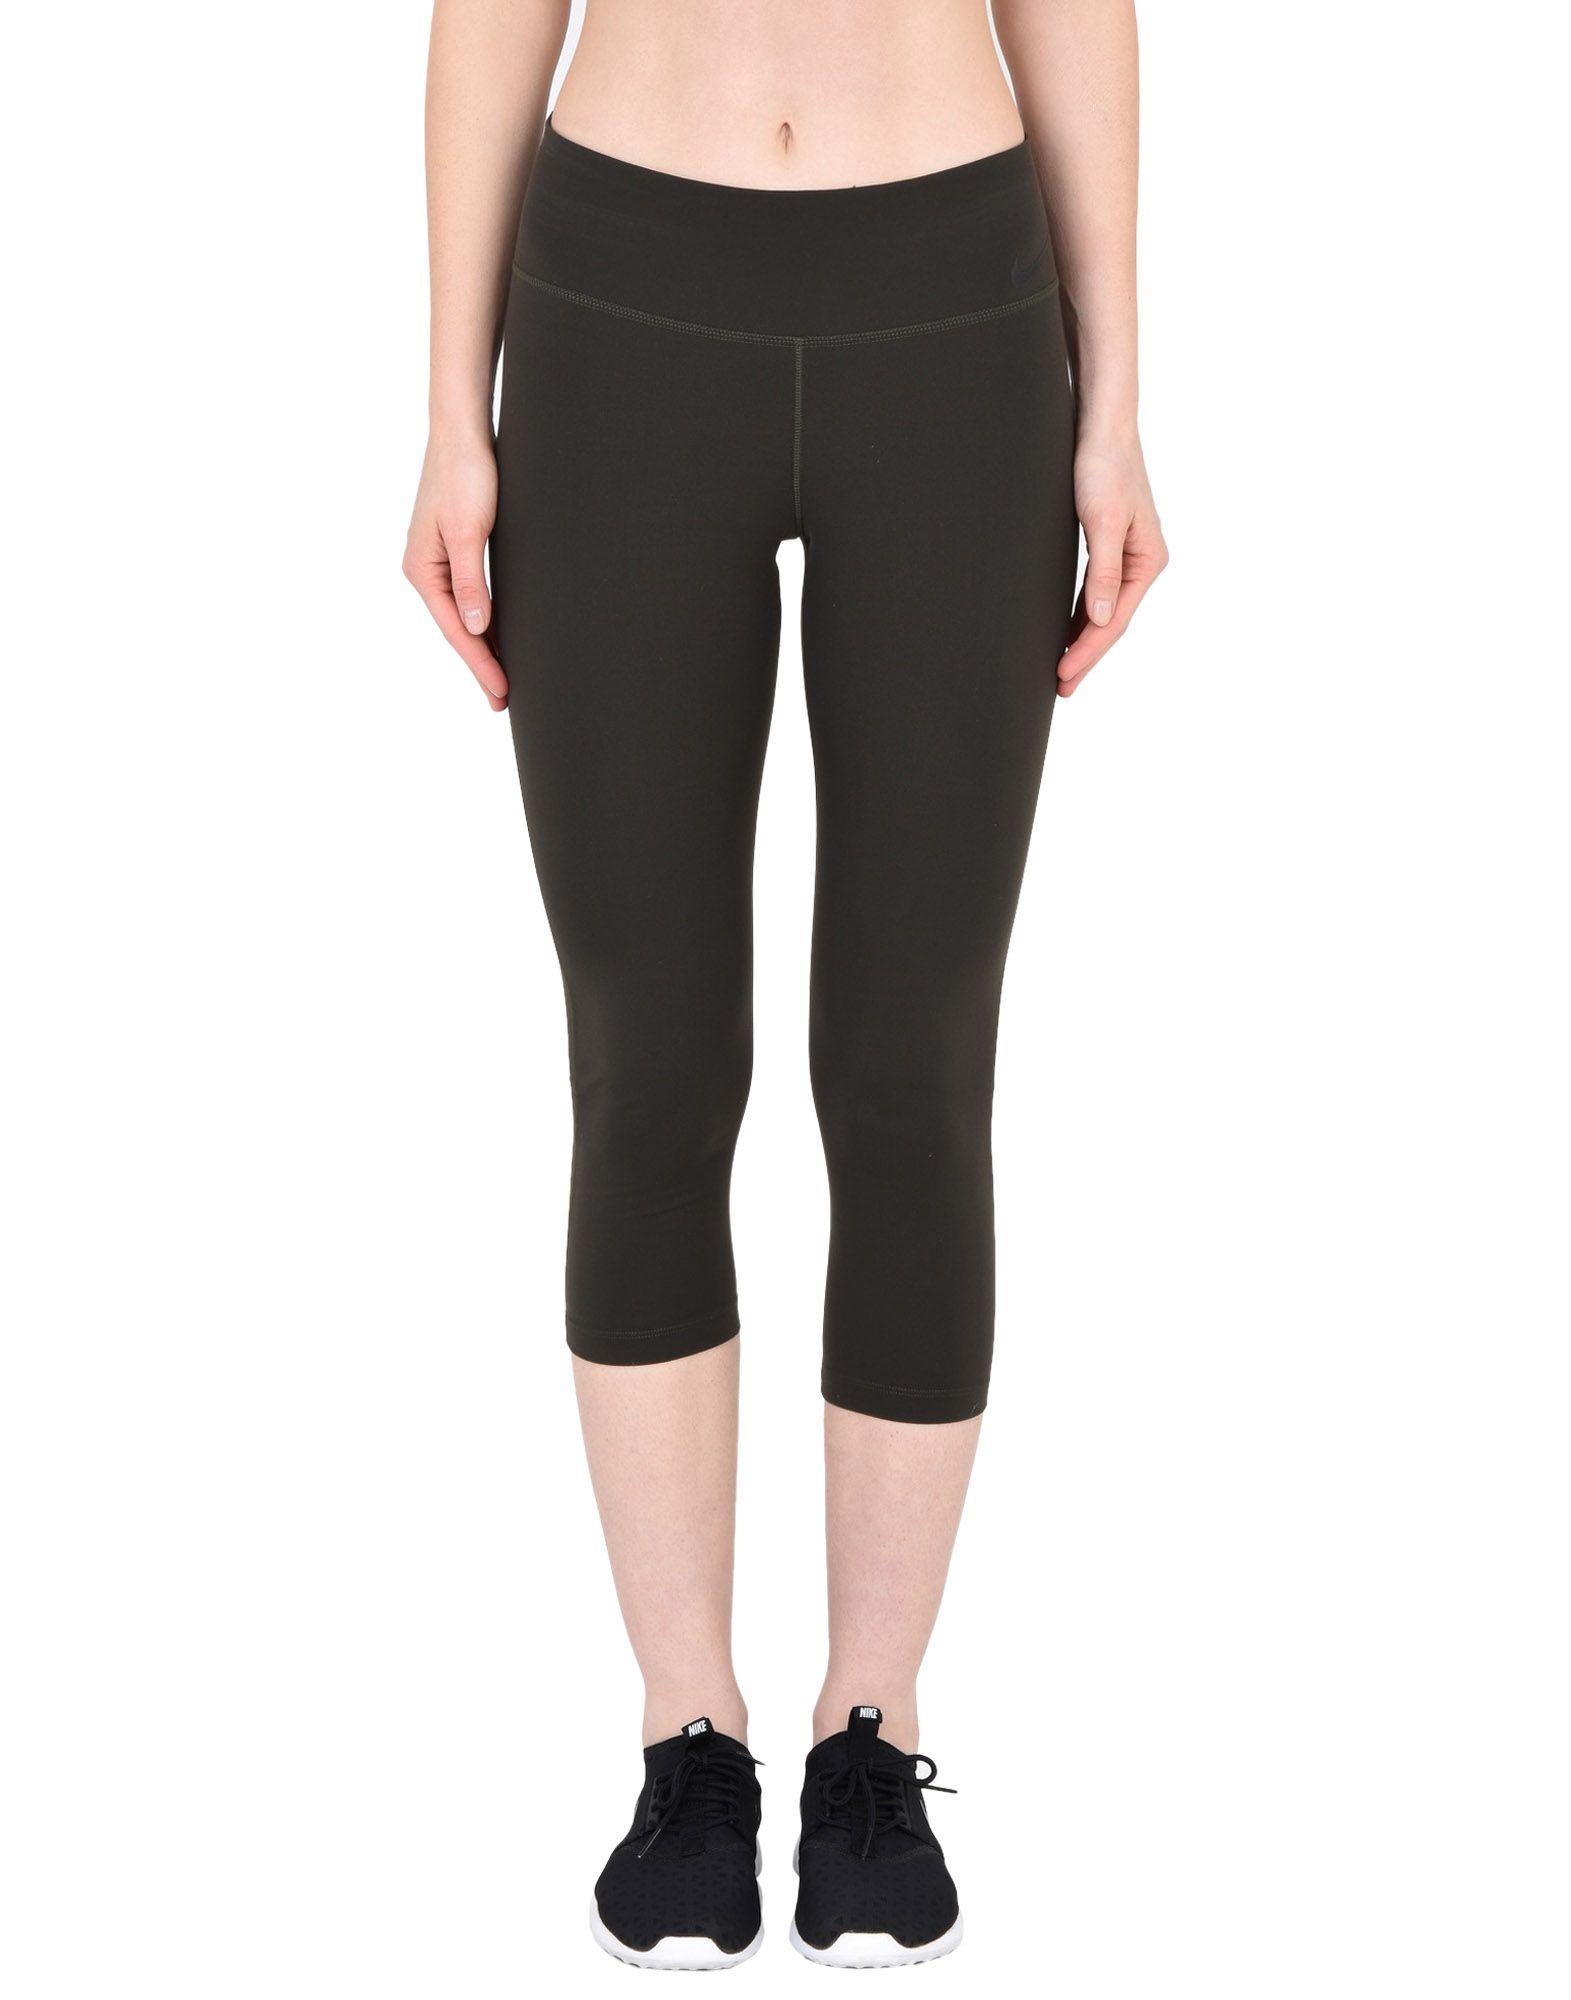 182cacffb1 Promozioni Leggings E Pantaloni Performance Donna - Acquista online ...